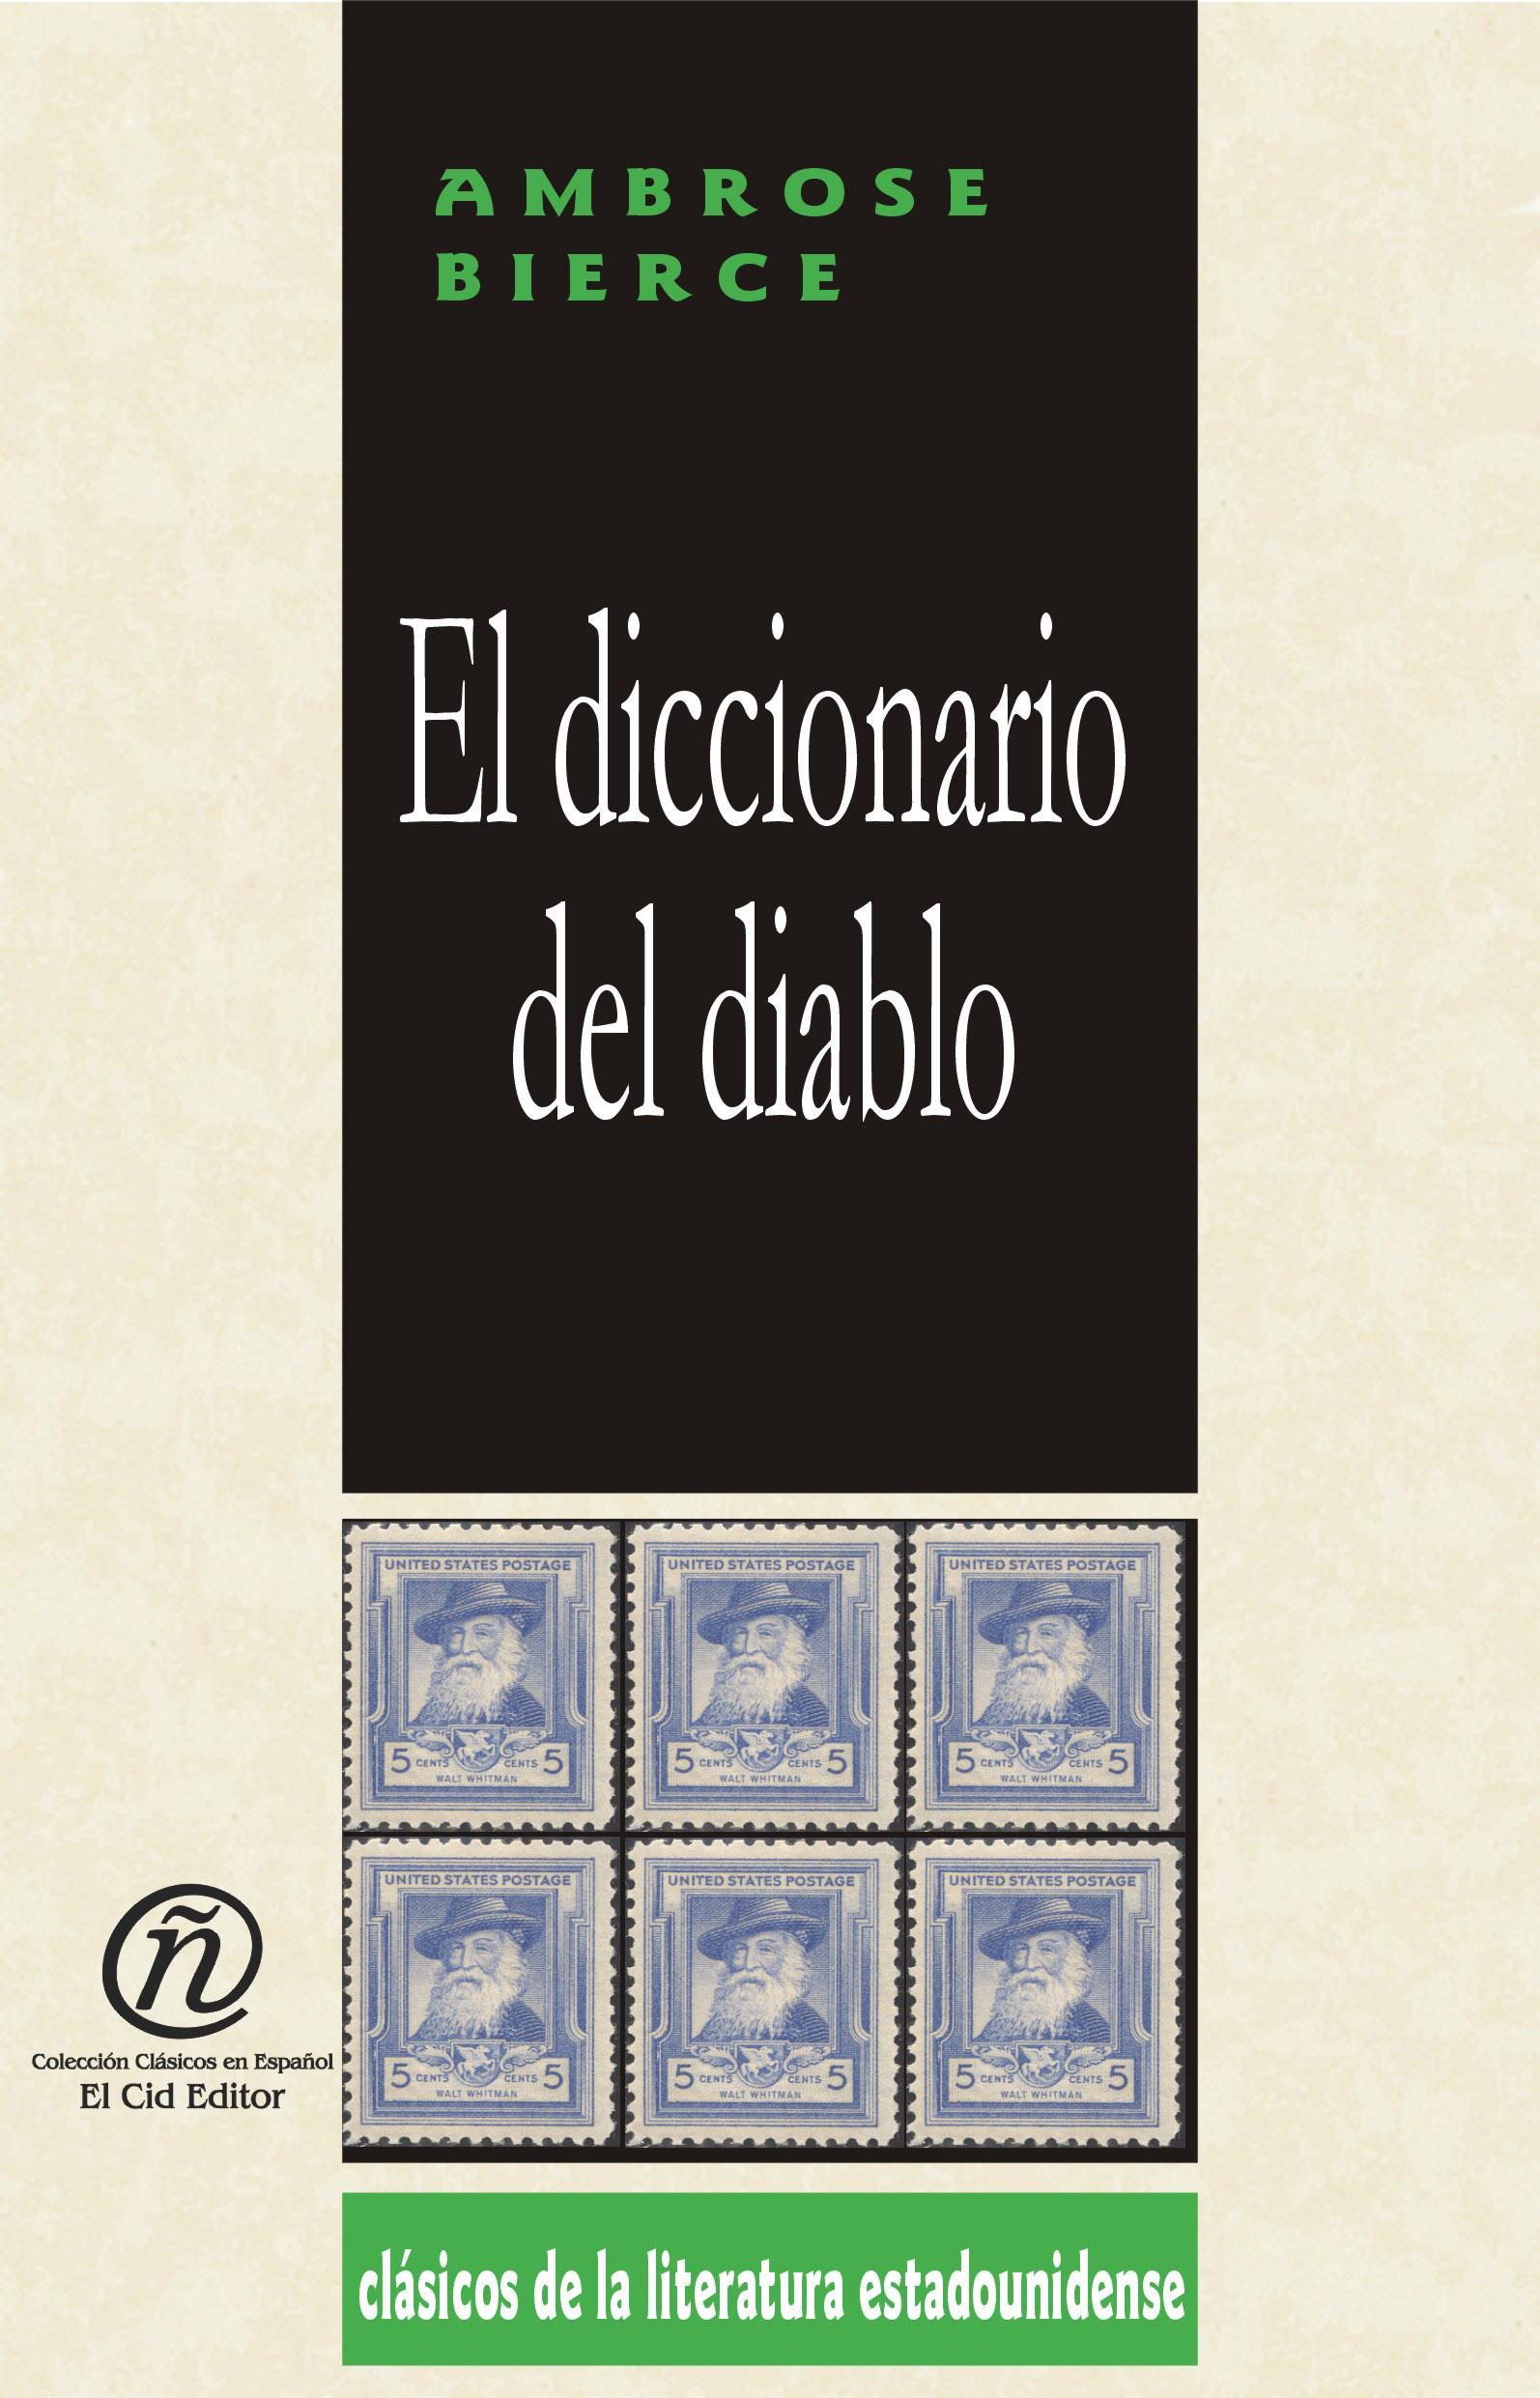 El diccionario del diablo: Colecci?n de Cl?sicos de la Literatura Estadounidense